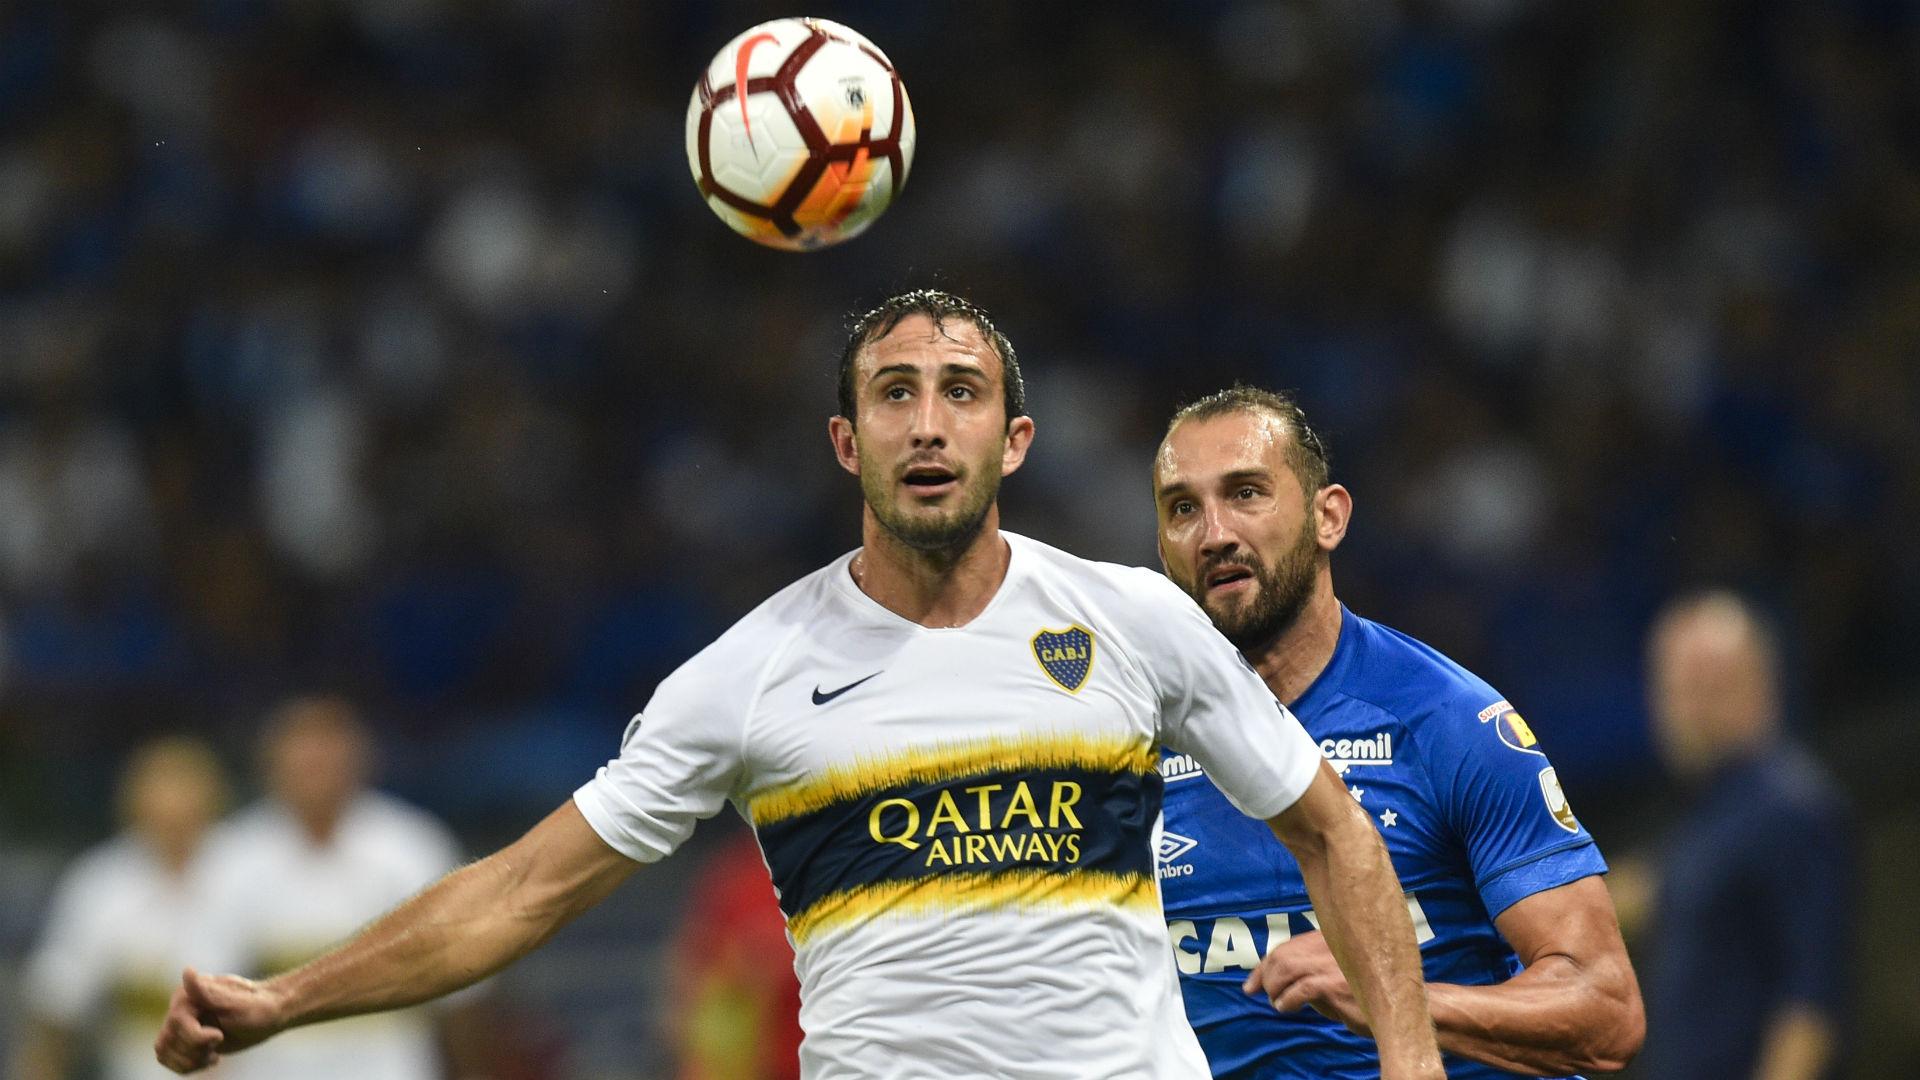 Izquierdoz Barcos Cruzeiro Boca Libertadores 04 10 2018